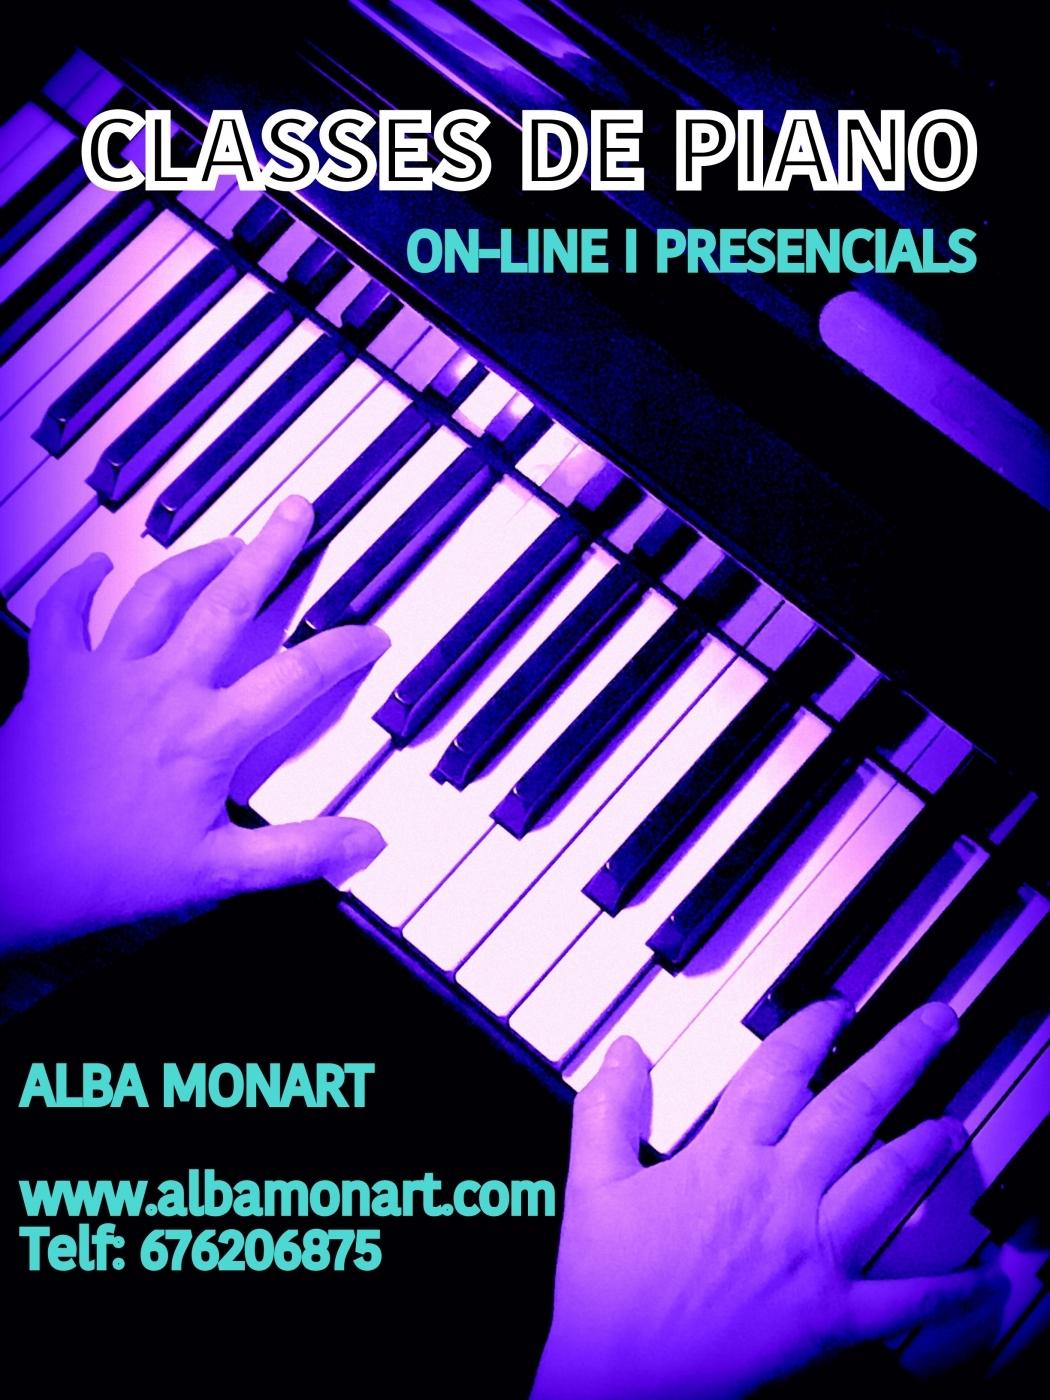 CLASSES DE PIANO ONLINE I PRESENCIALS CURS 20-21